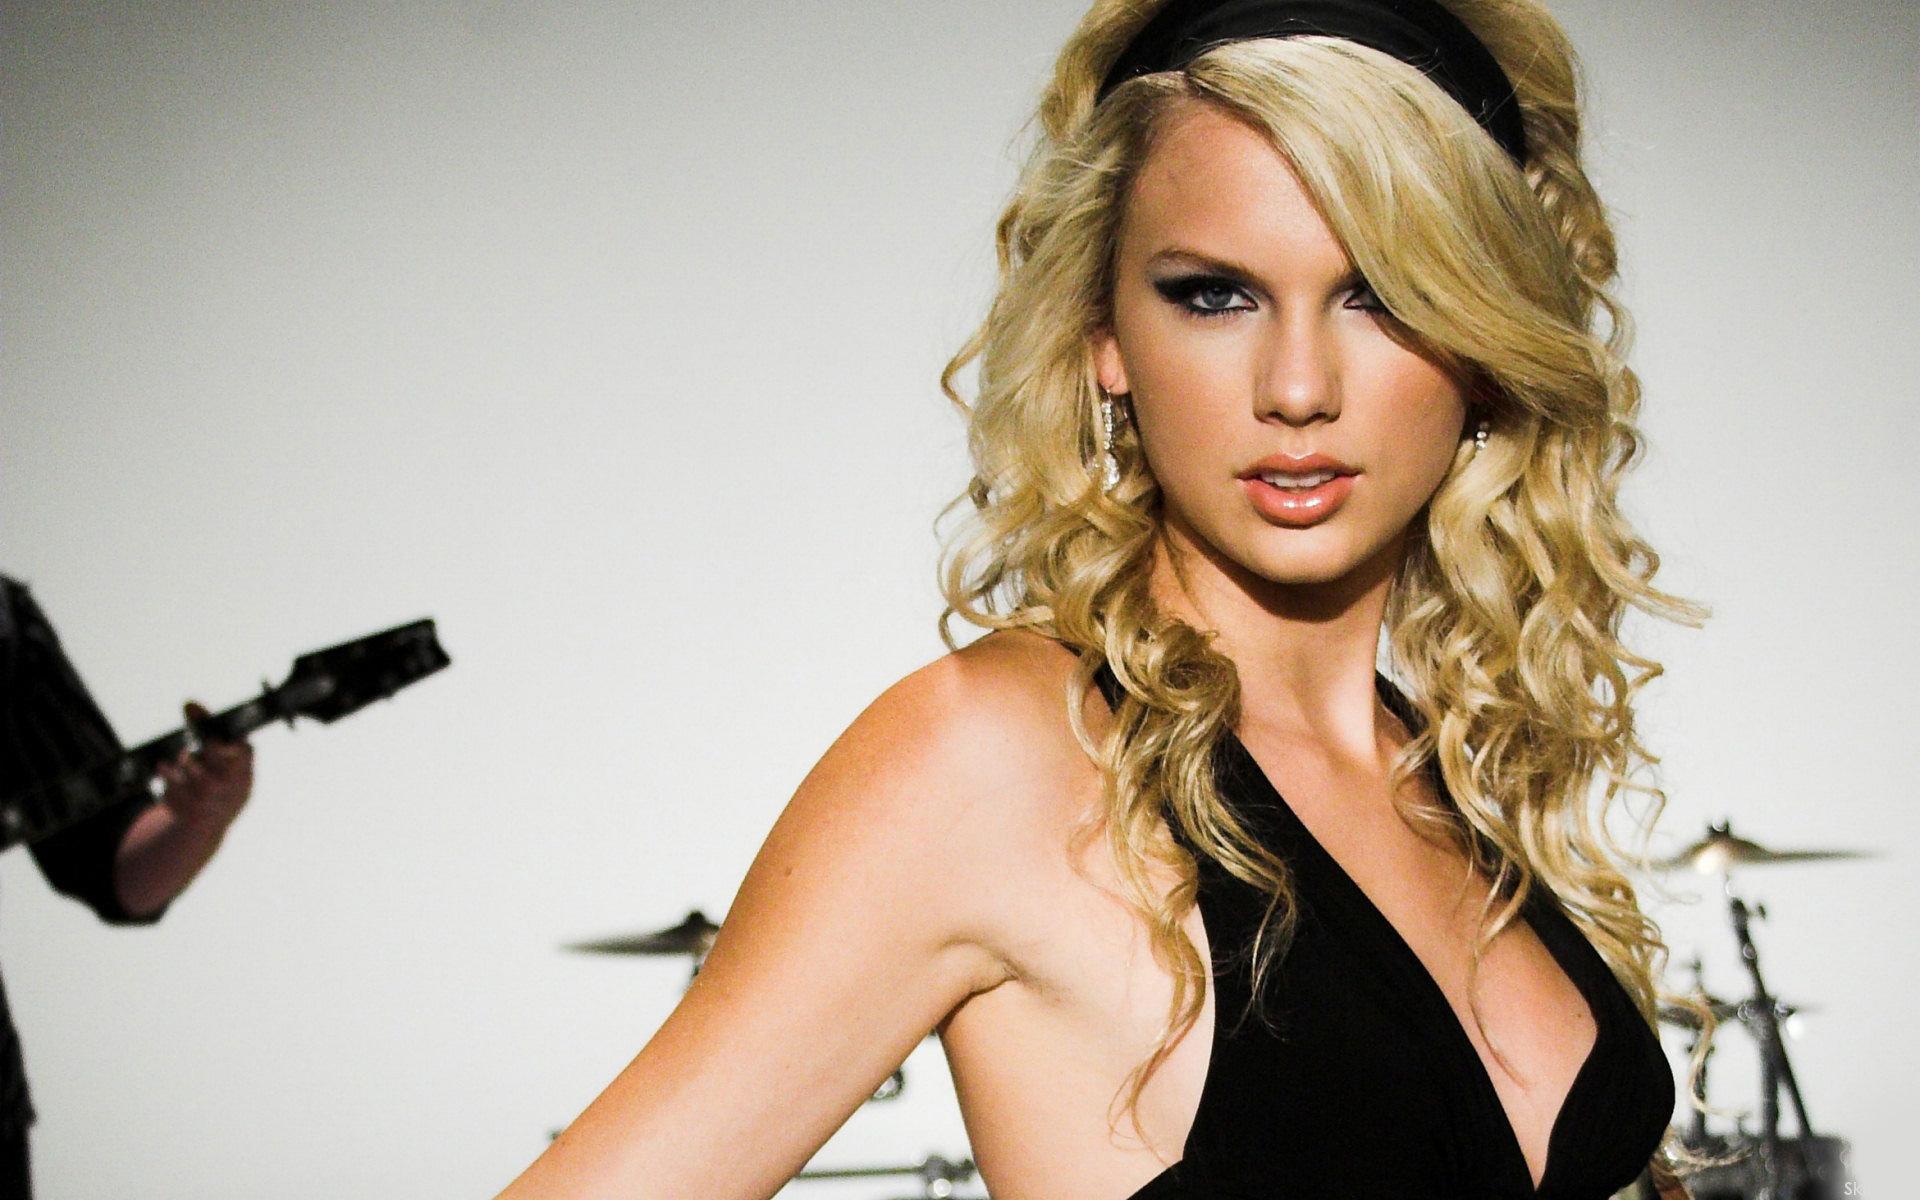 Krystal Swift